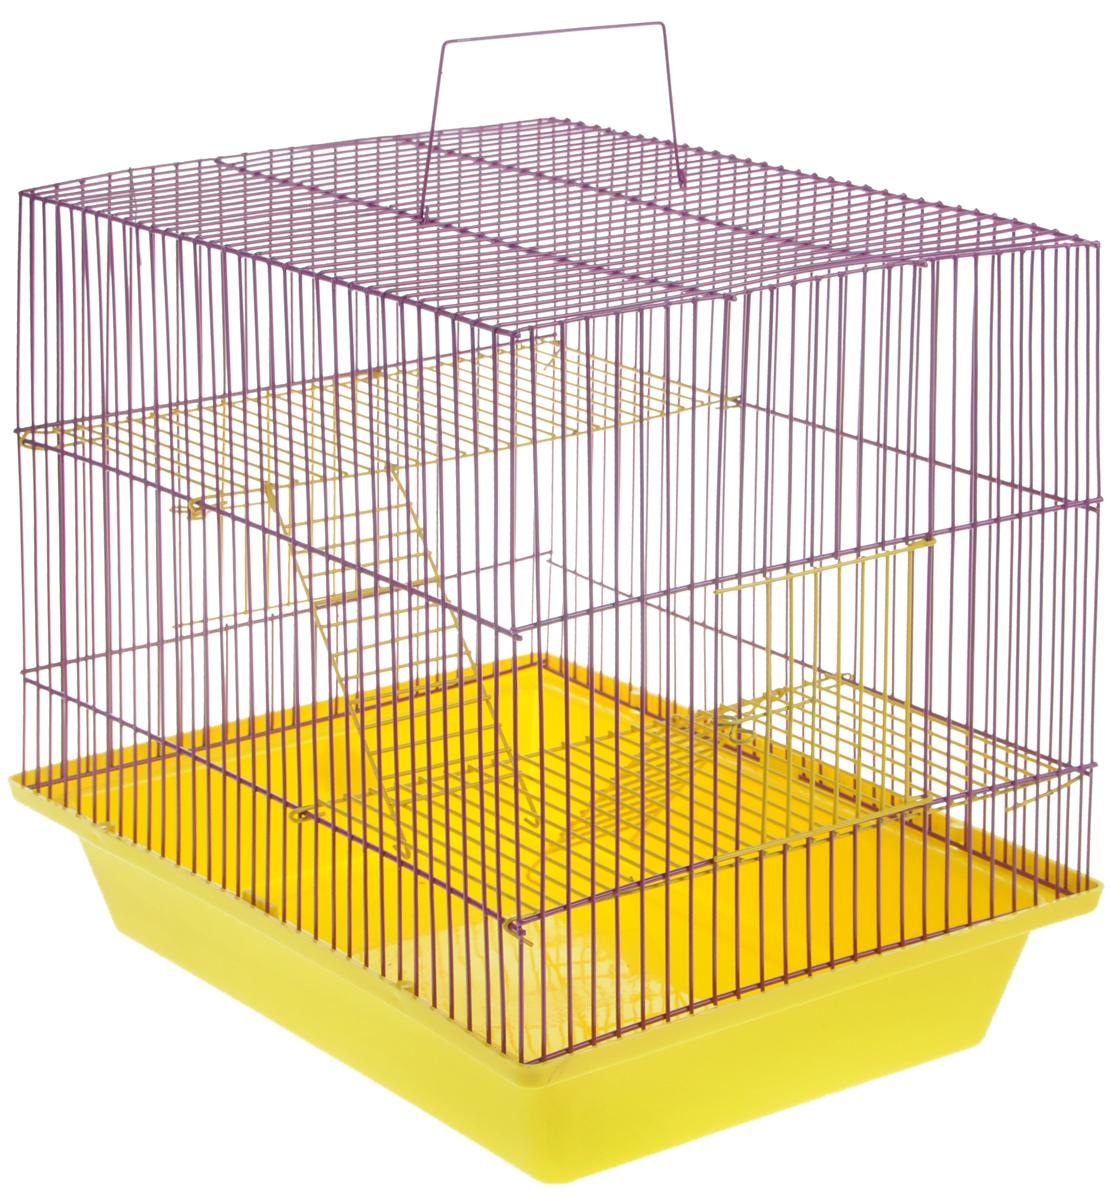 Клетка для грызунов ЗооМарк Гризли, 3-этажная, цвет: желтый поддон, фиолетовая решетка, желтые этажи, 41 х 30 х 36 см. 230ж230жЖФКлетка ЗооМарк Гризли, выполненная из полипропилена и металла, подходит для мелких грызунов. Изделие трехэтажное. Клетка имеет яркий поддон, удобна в использовании и легко чистится. Сверху имеется ручка для переноски.Такая клетка станет уединенным личным пространством и уютным домиком для маленького грызуна.